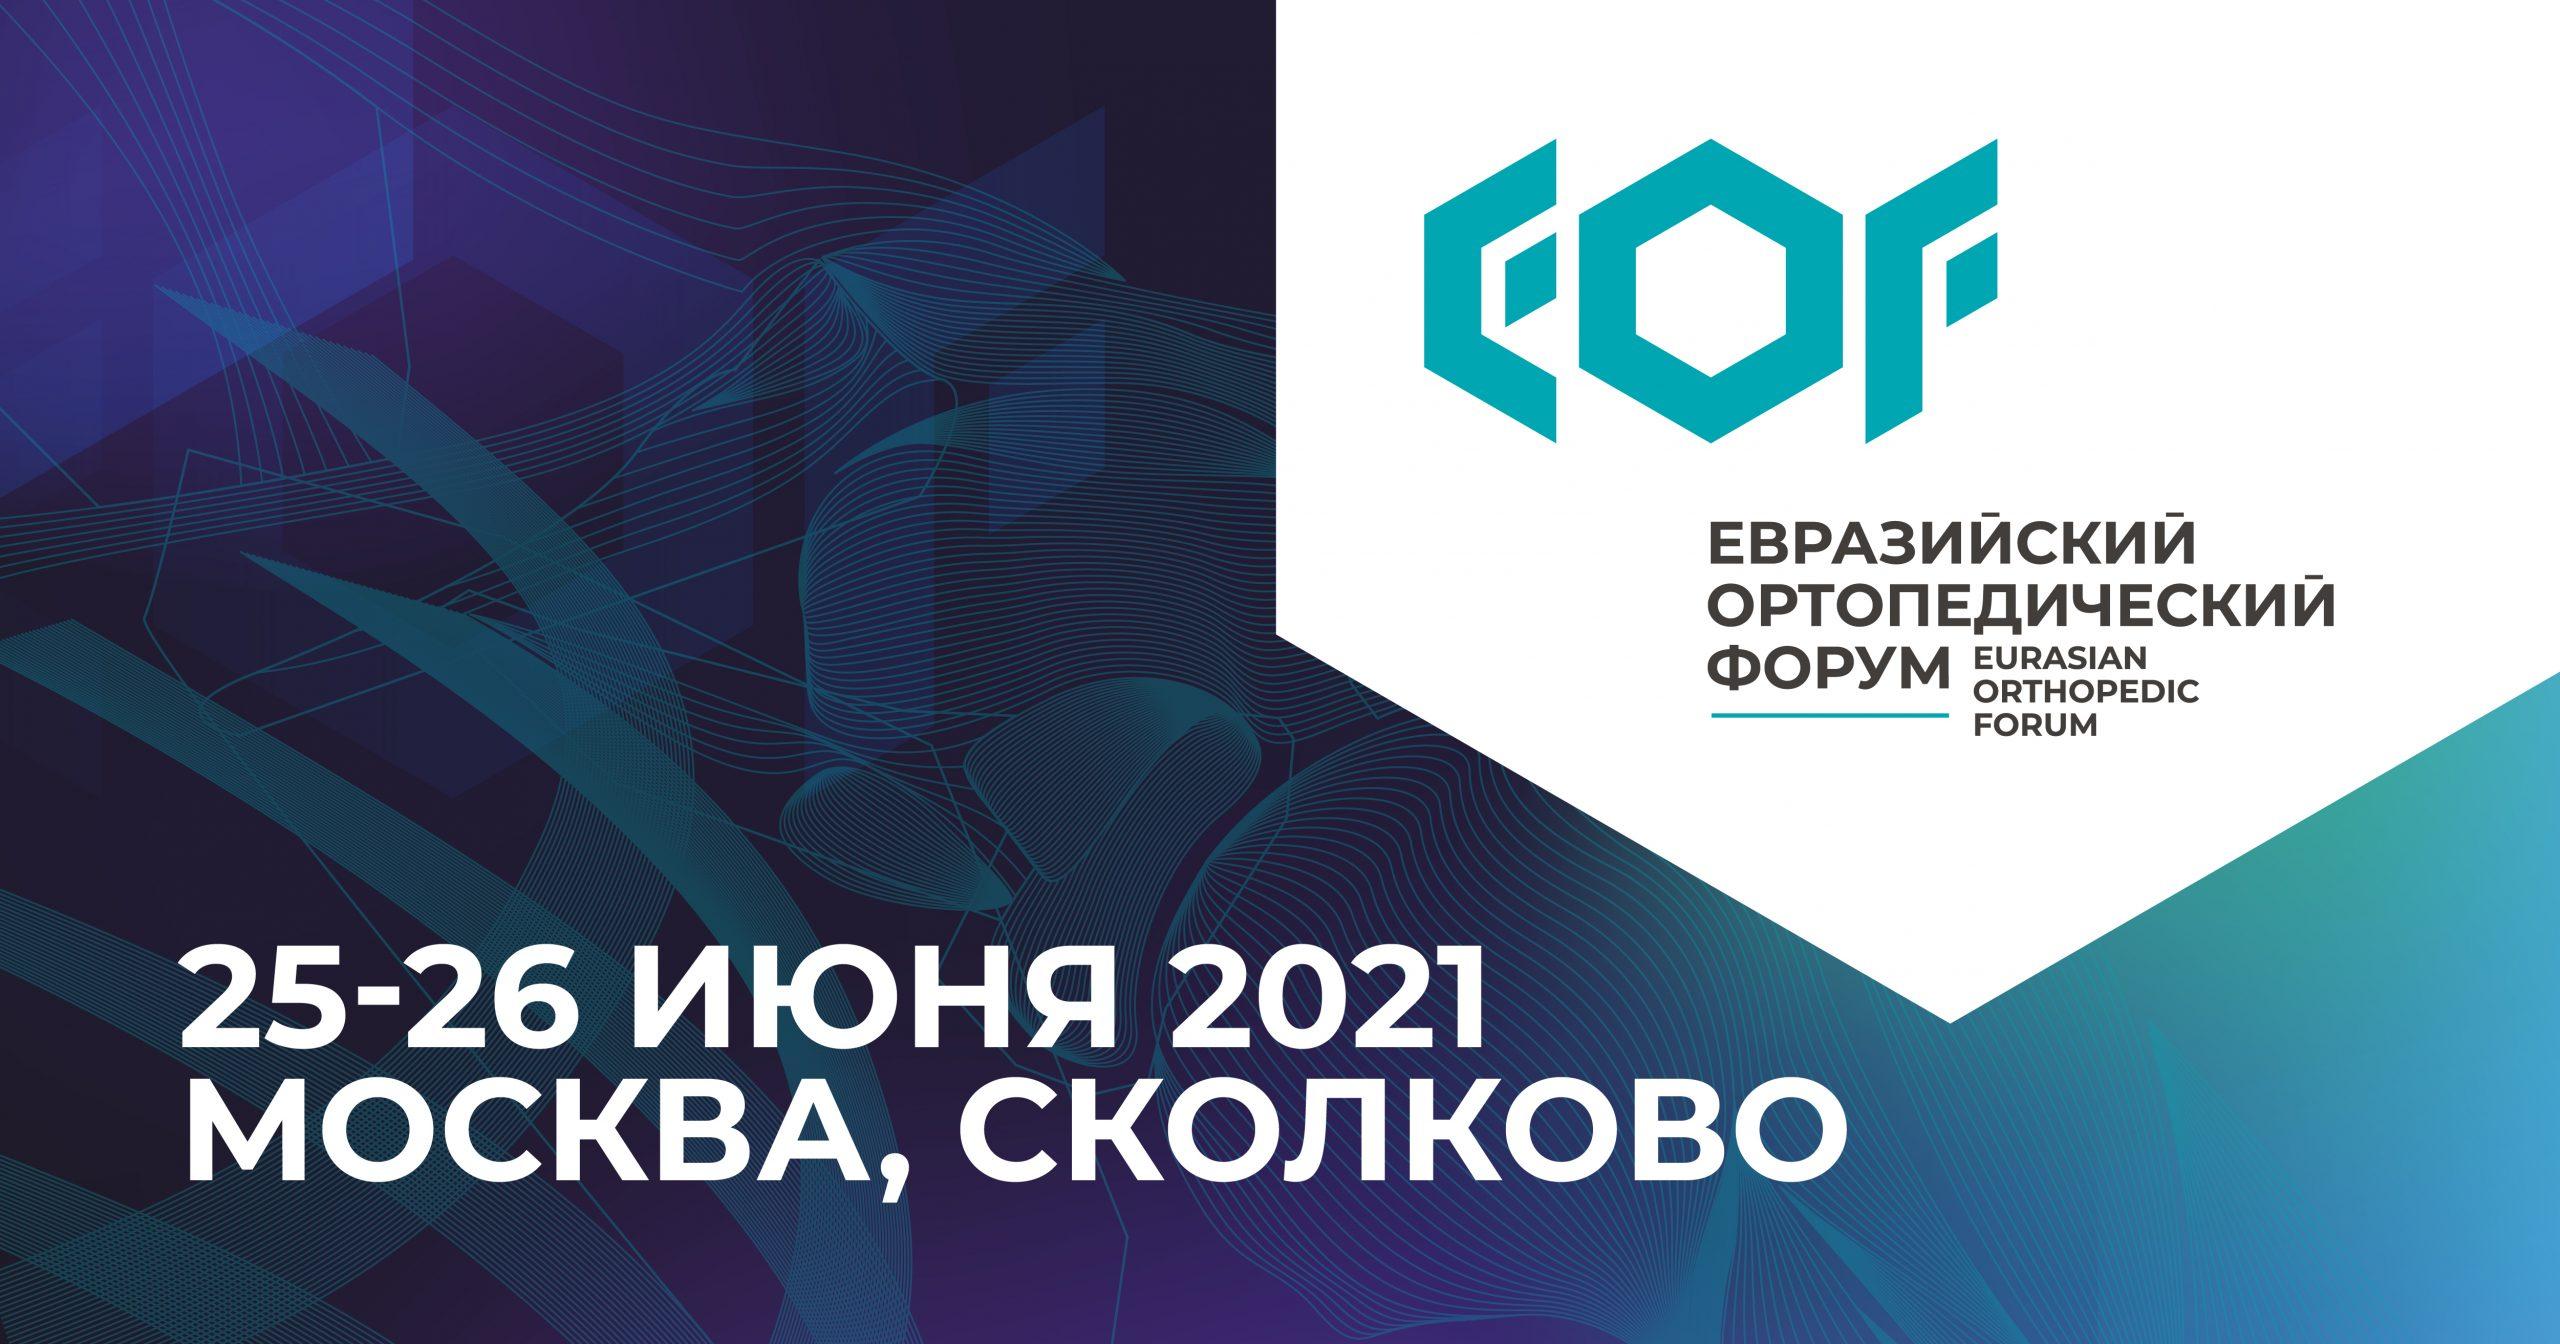 Вопросы хирургии кисти обсудят на Евразийском ортопедическом форуме